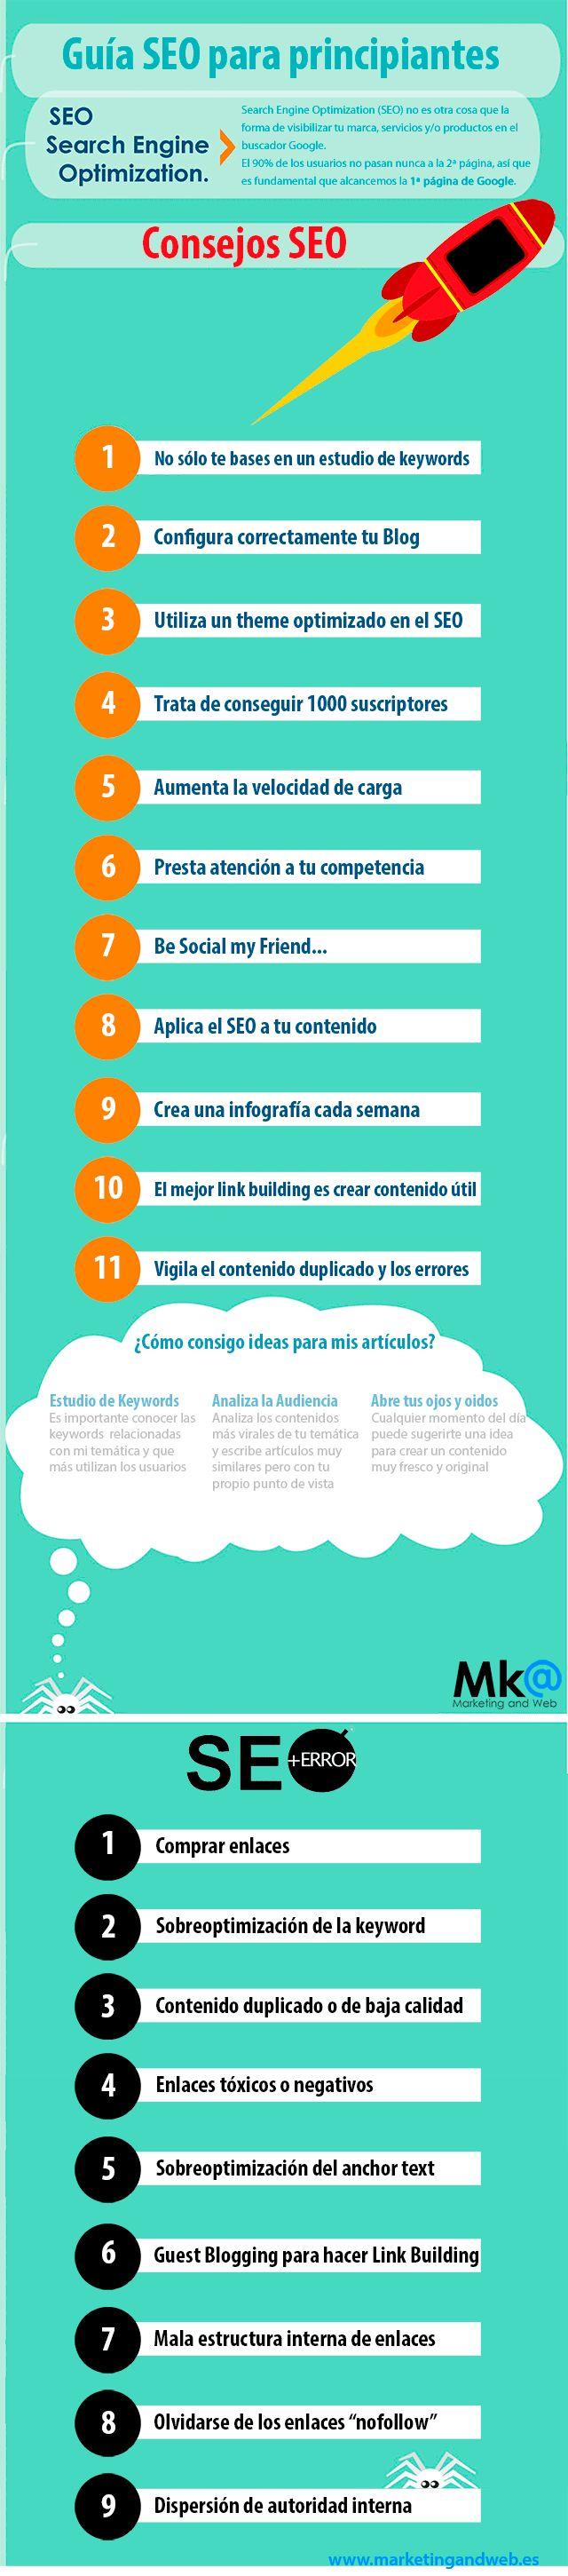 Guía SEO para principiantes #infografia #infographic #seo vía: @marketingandweb